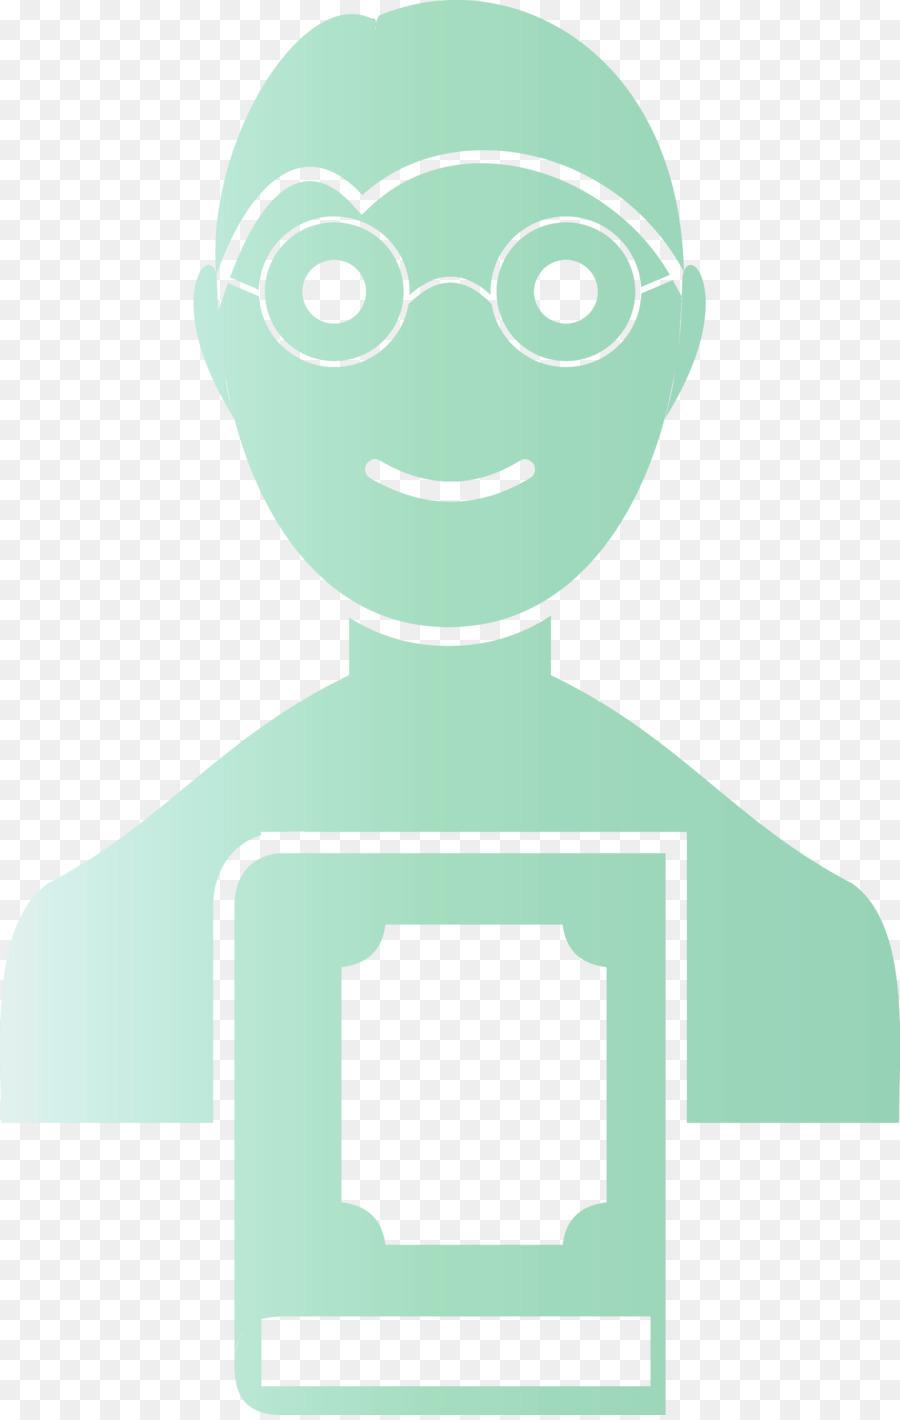 Descarga gratuita de Verde, La Tecnología, Gafas imágenes PNG